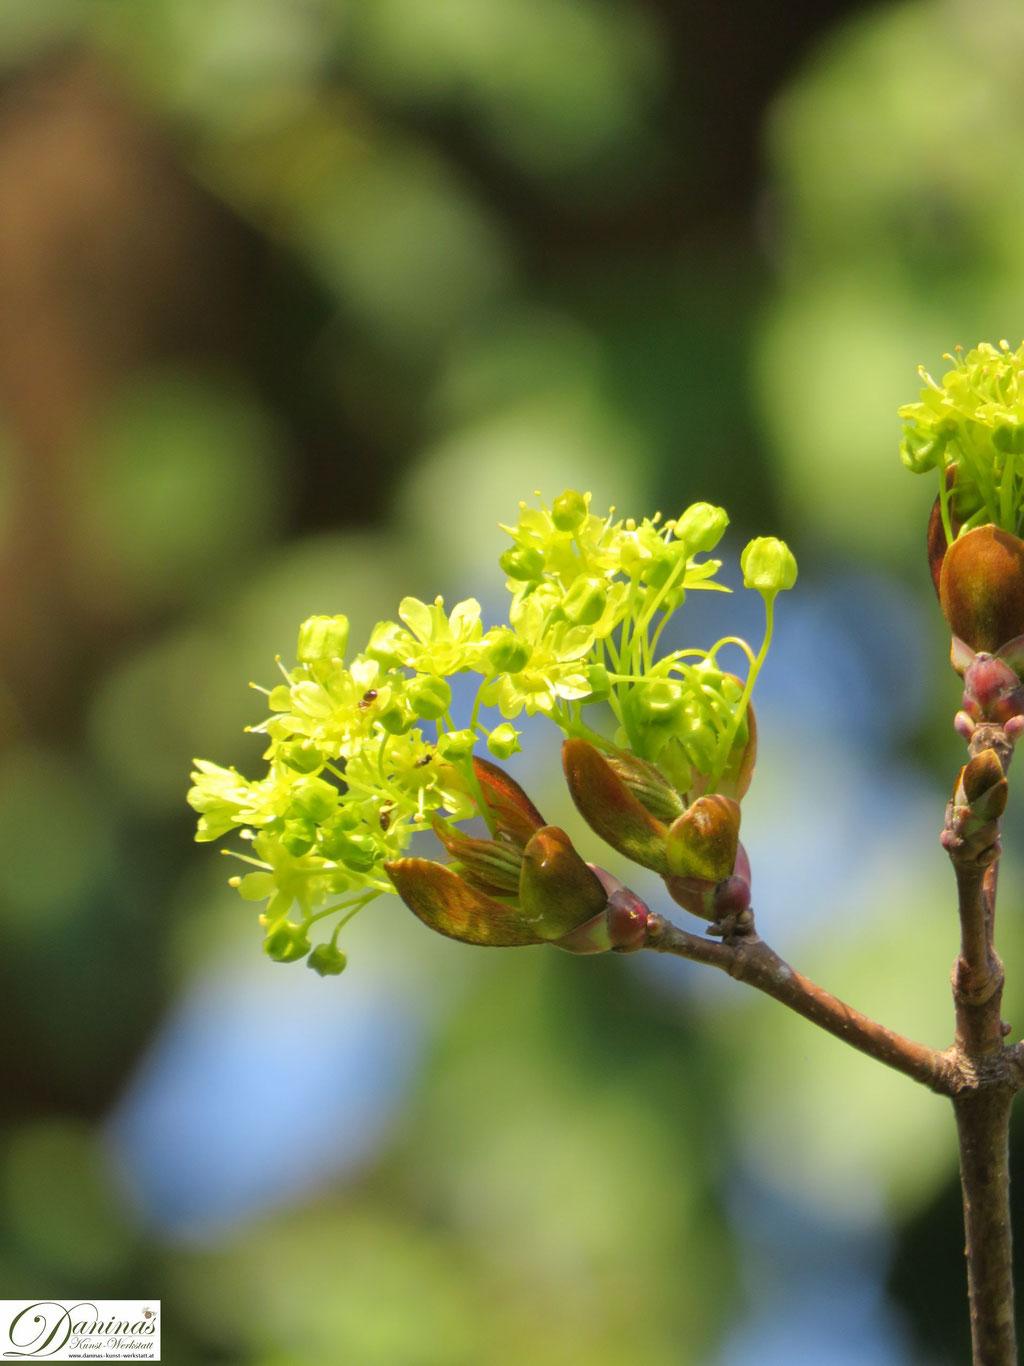 Ahorn Blüte im Frühling